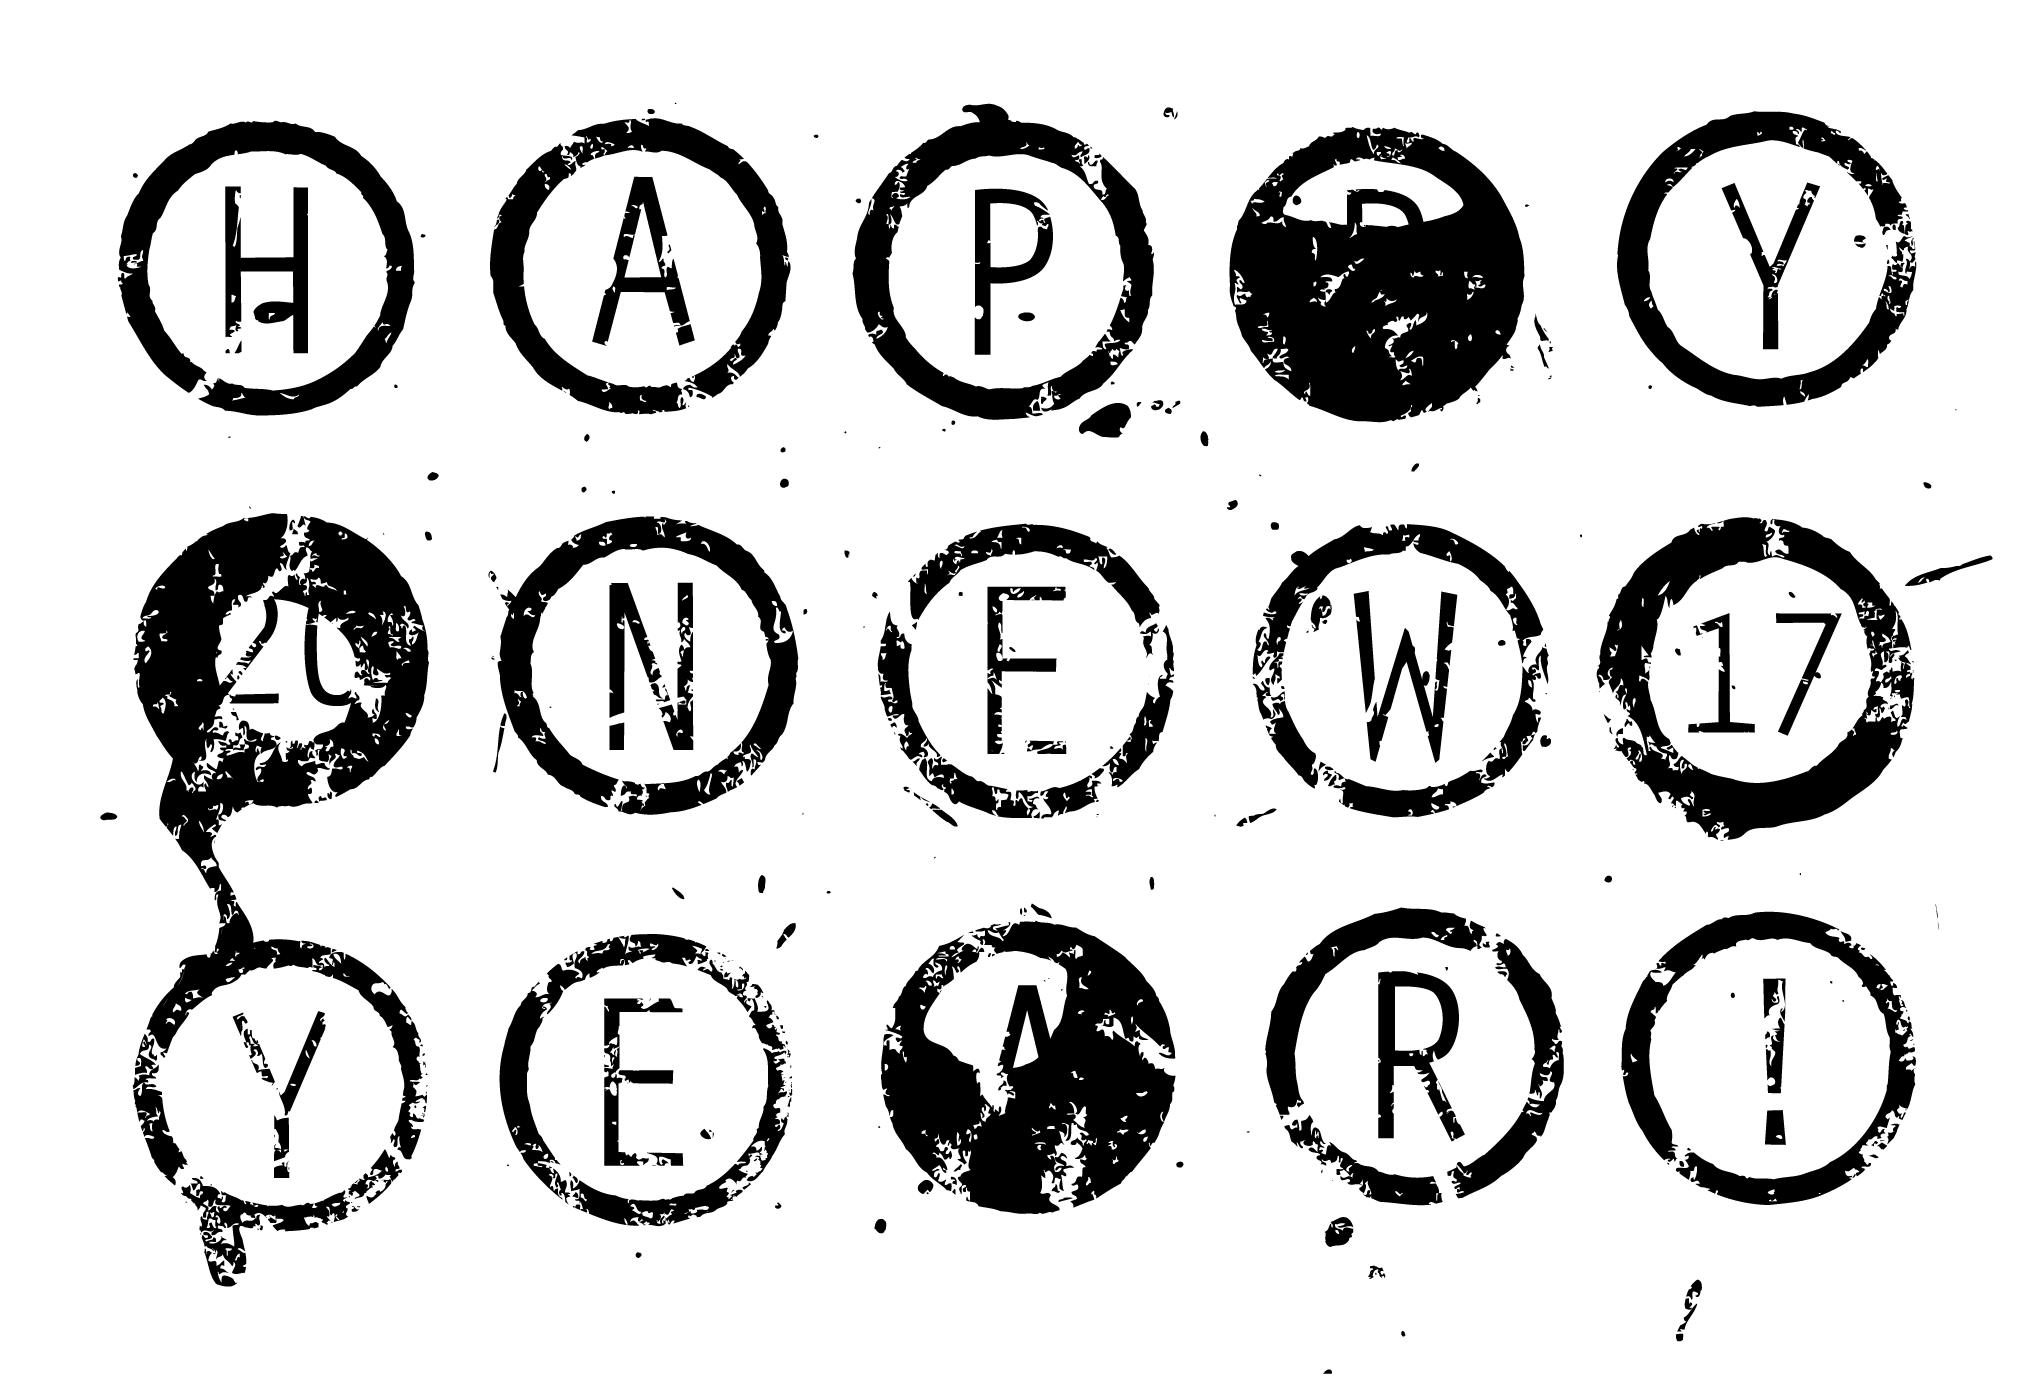 2017年賀状02:Circle 2017のダウンロード画像